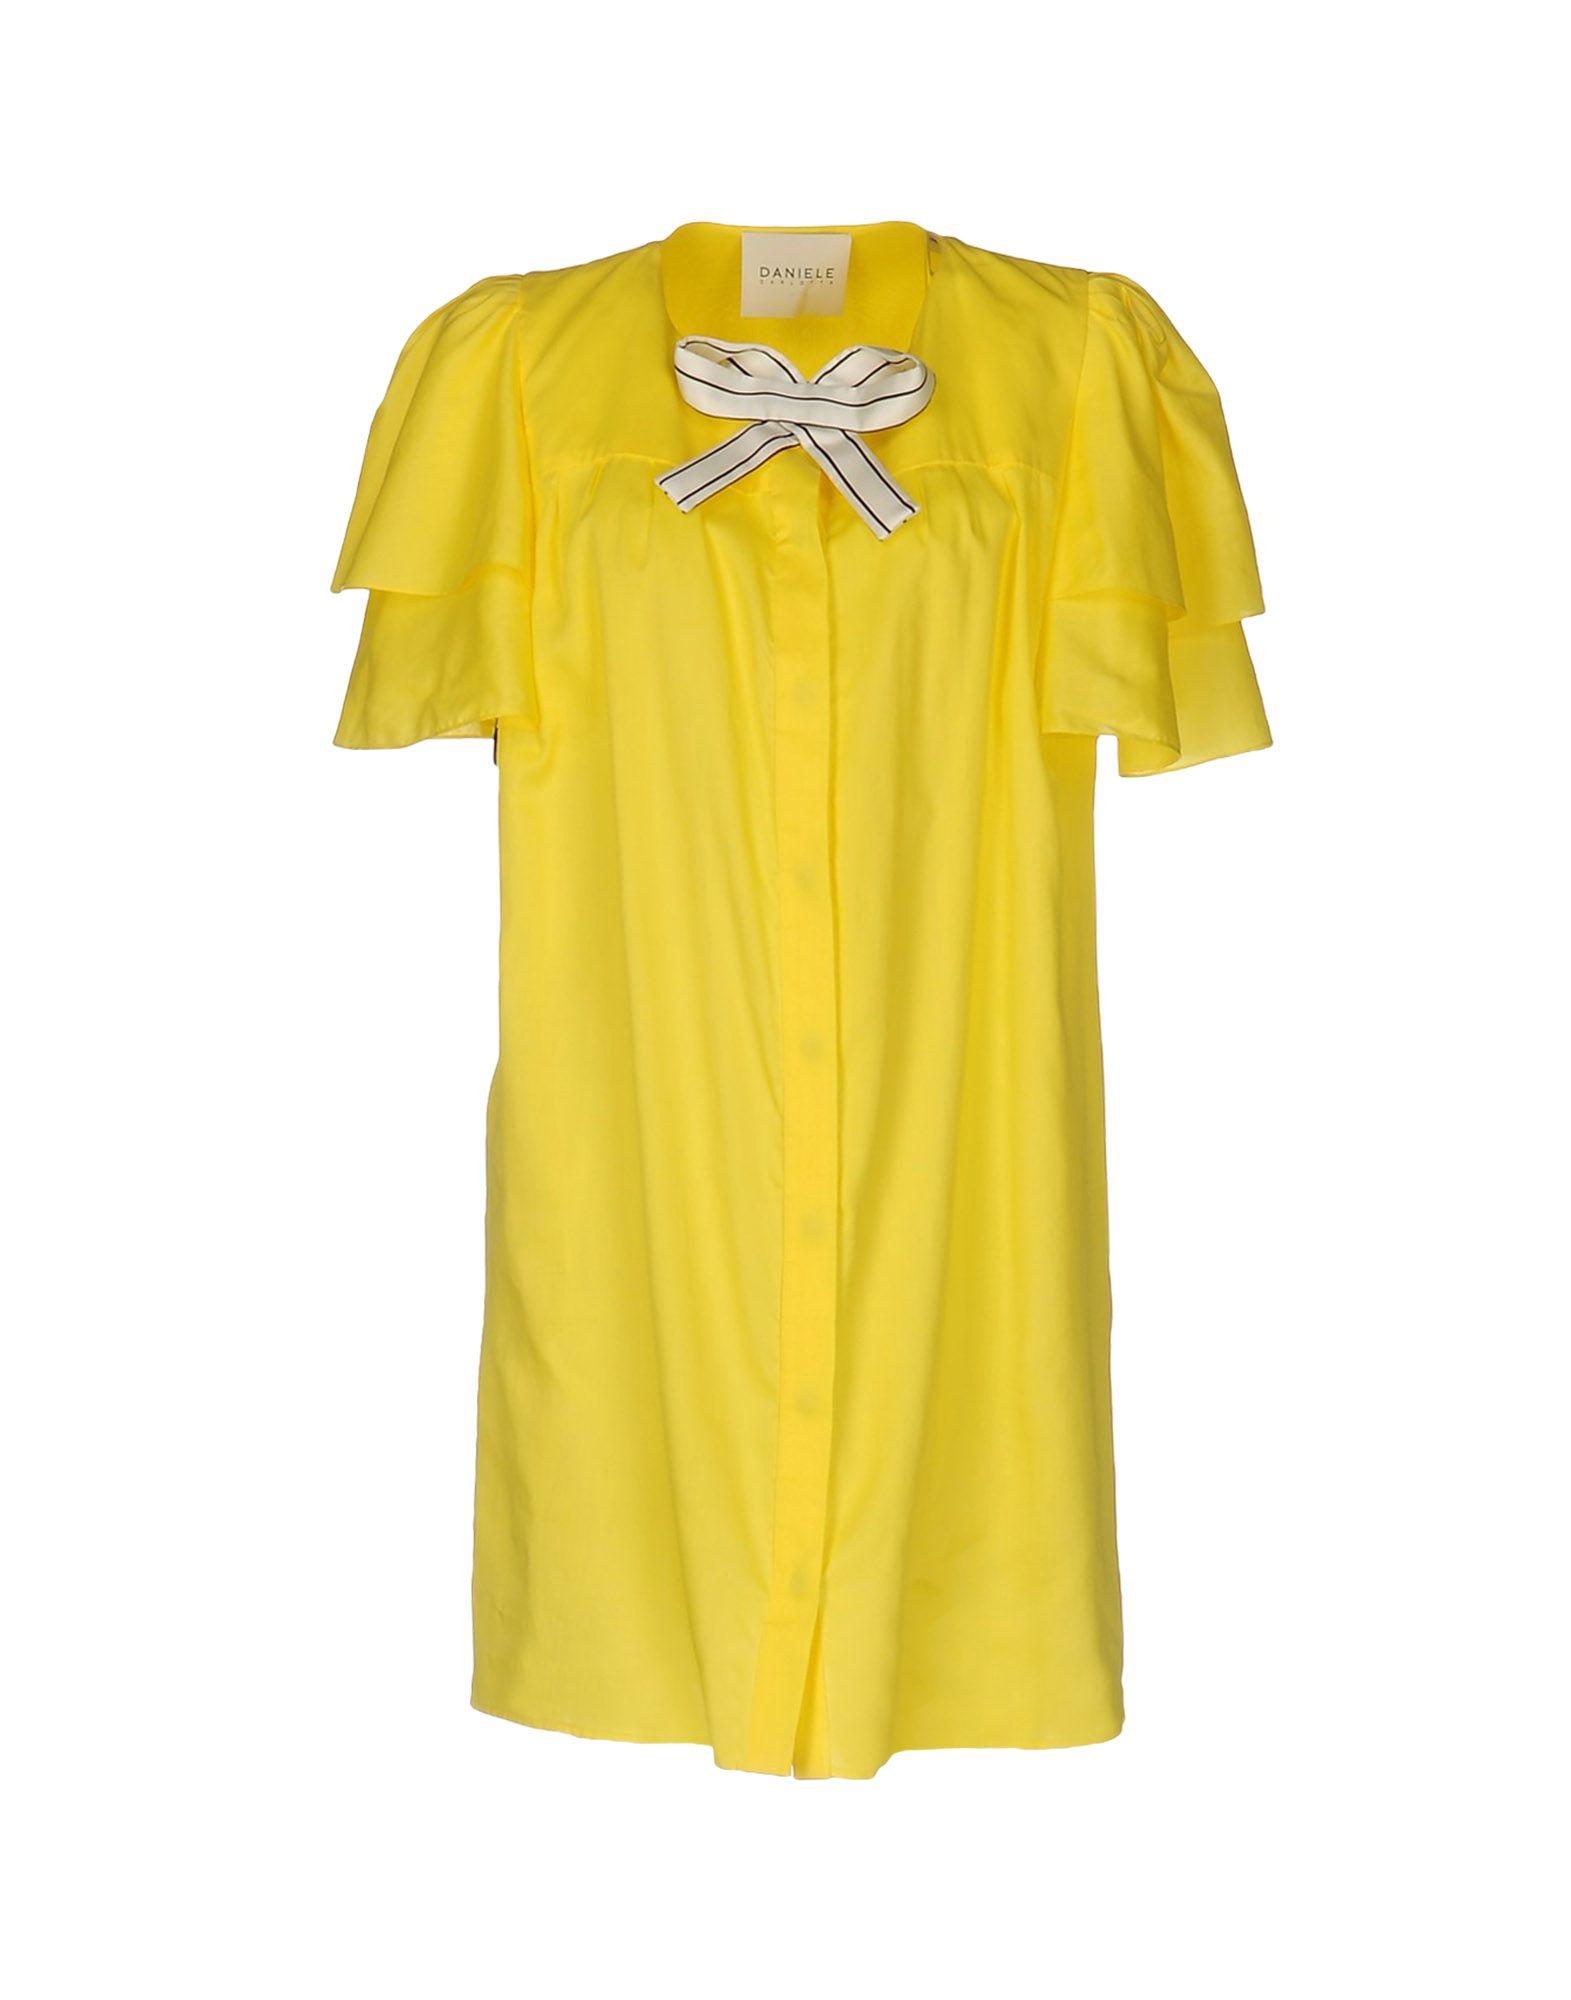 DANIELE CARLOTTA Shirt Dress in Yellow